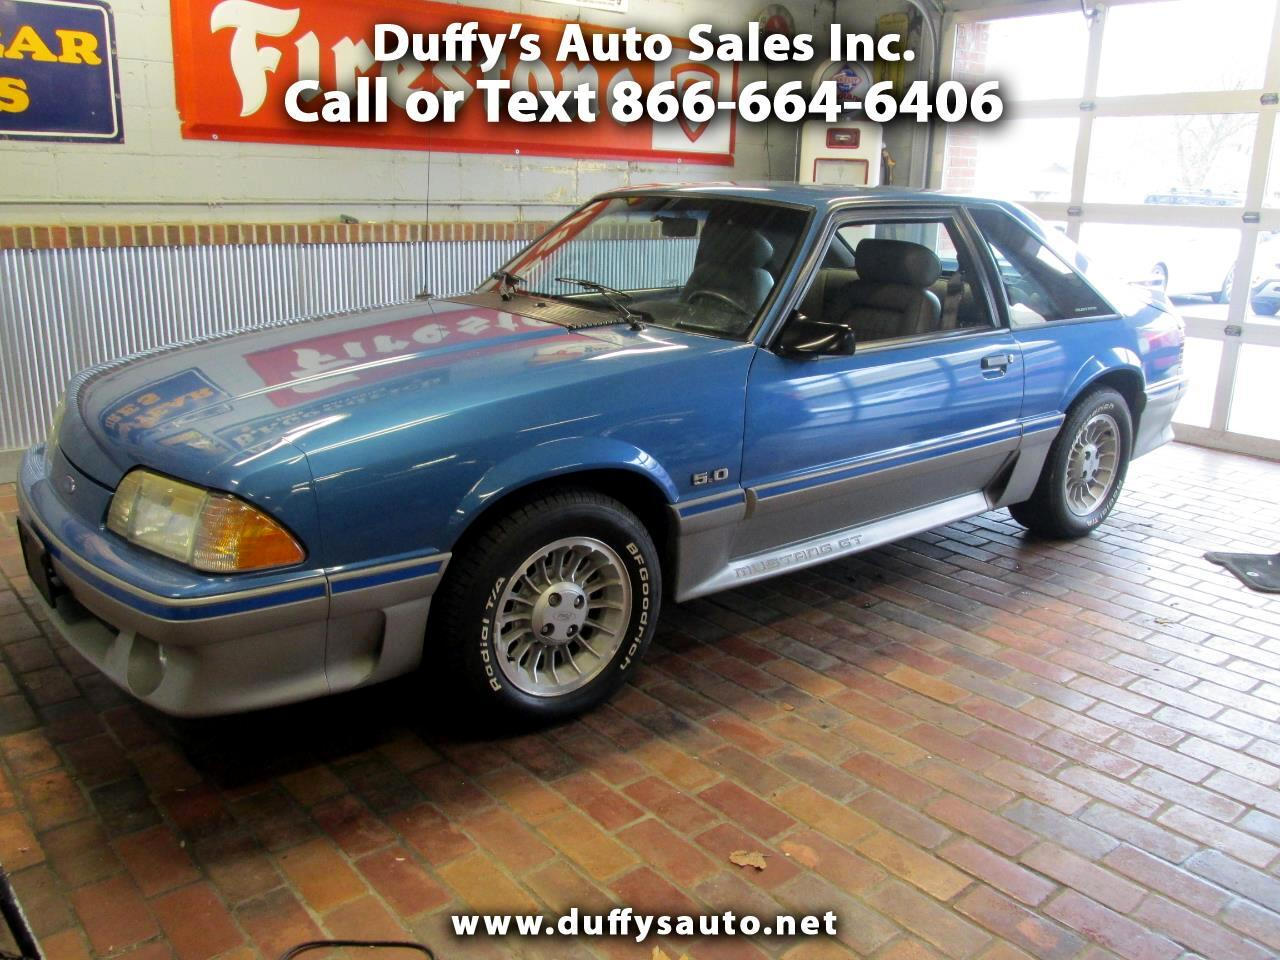 1989 Ford Mustang 2dr Hatchback GT